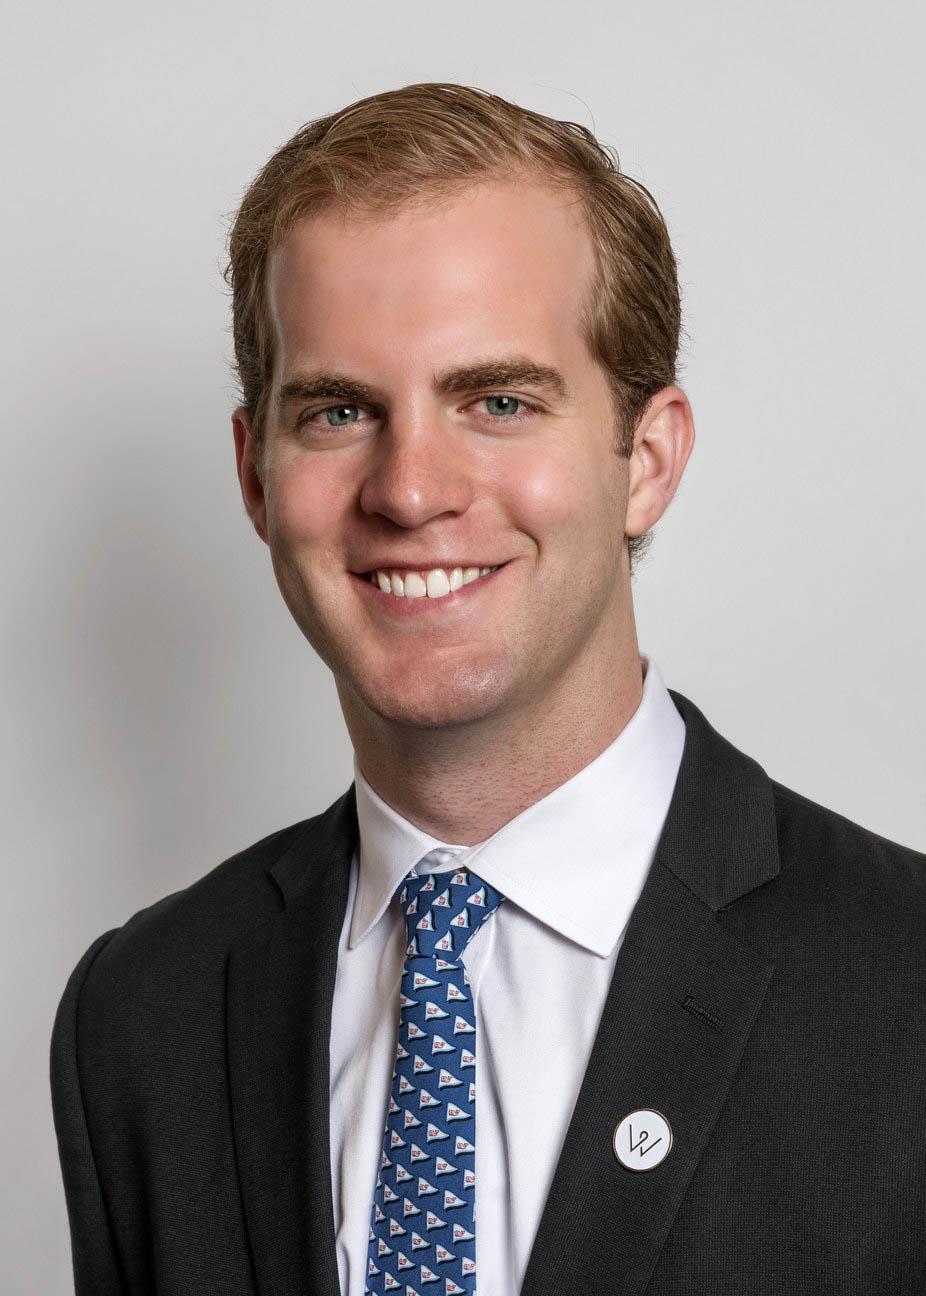 Kyle Schlabs